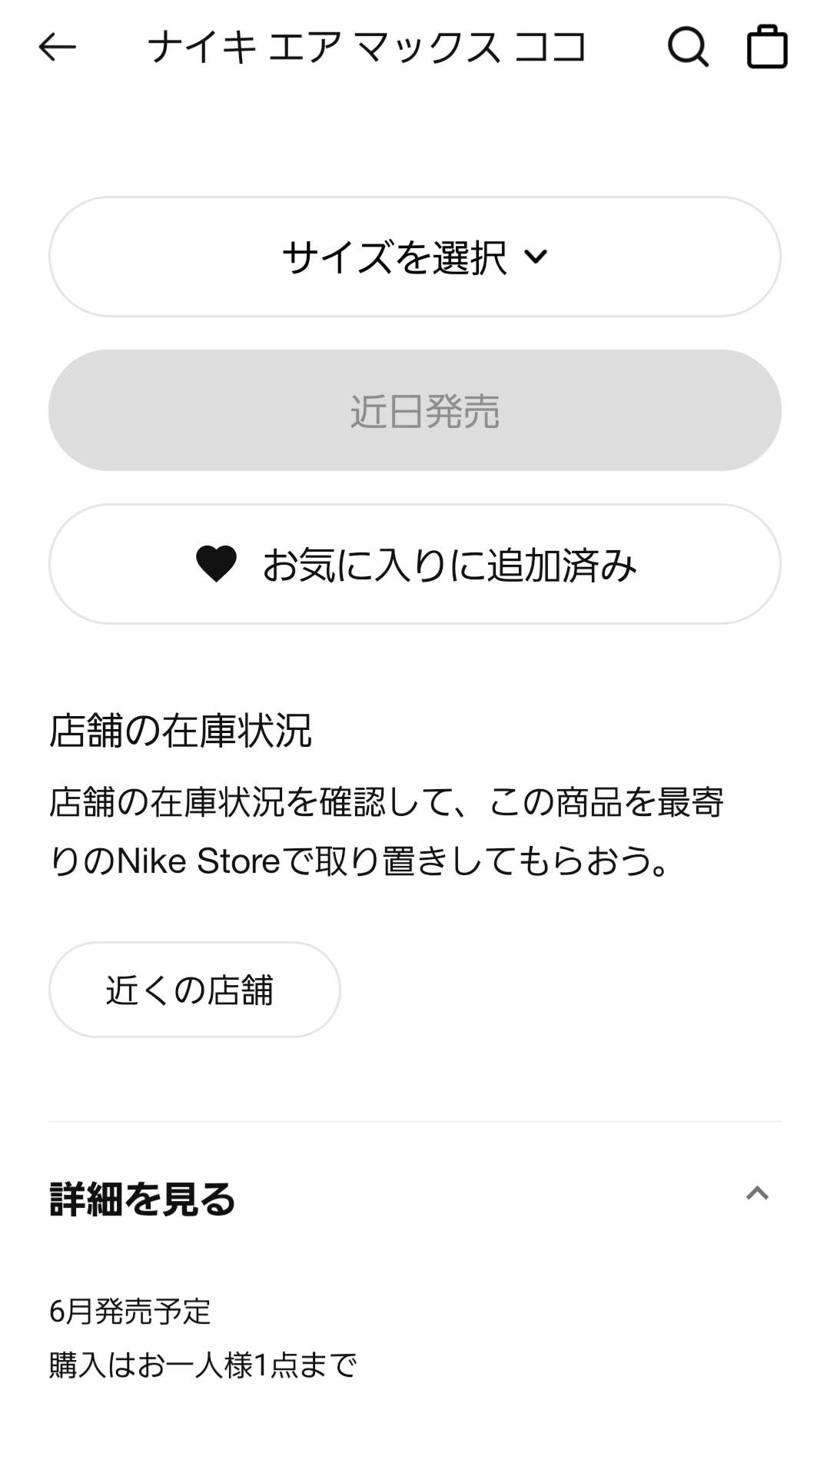 すみません。初心者なので質問なんですが、nikeのアプリではココサンダルが6月発